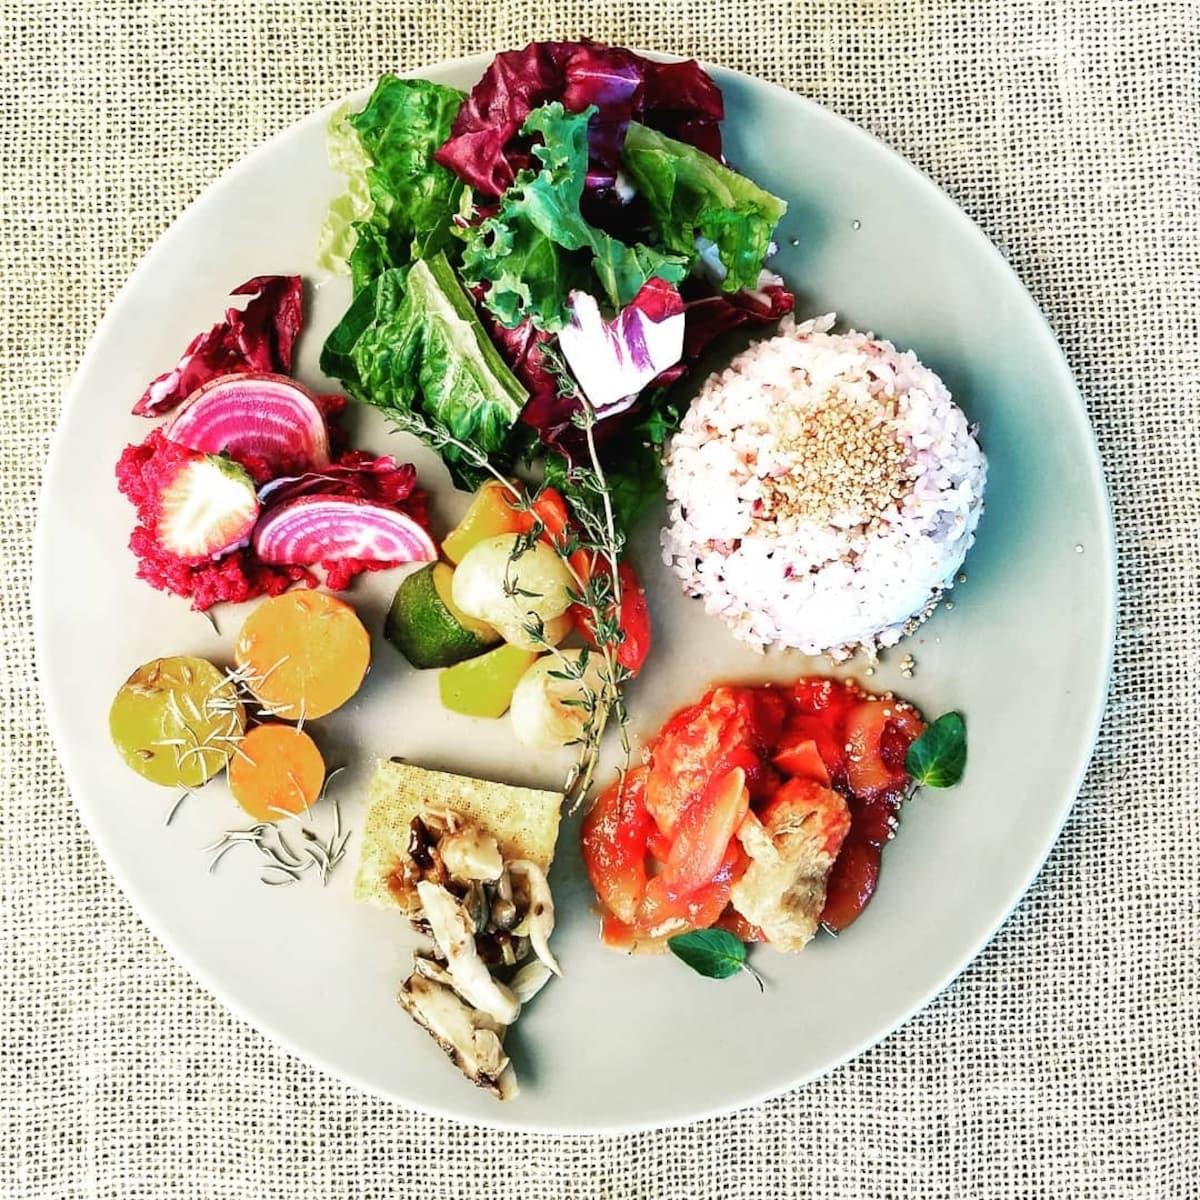 利用蔬菜展現料理豐富性,美味和營養兼具的「Mr.FARMER」